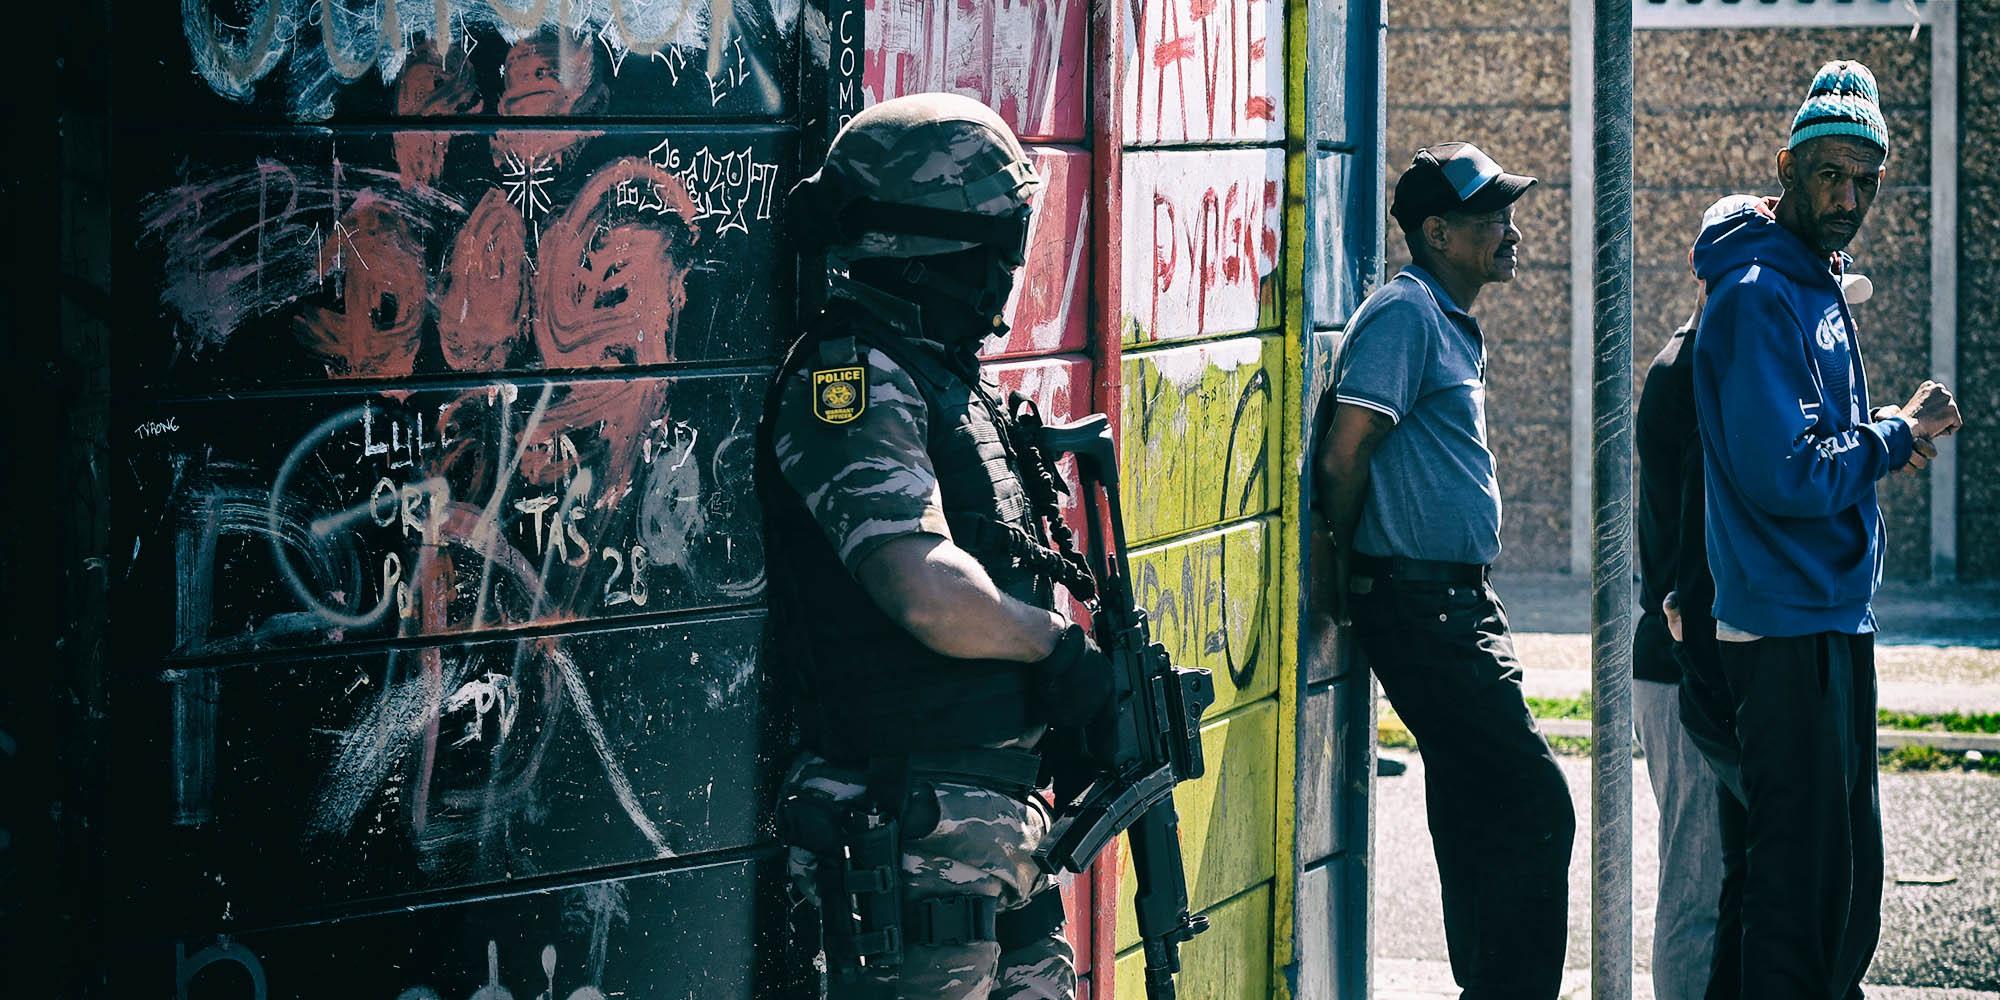 www.dailymaverick.co.za